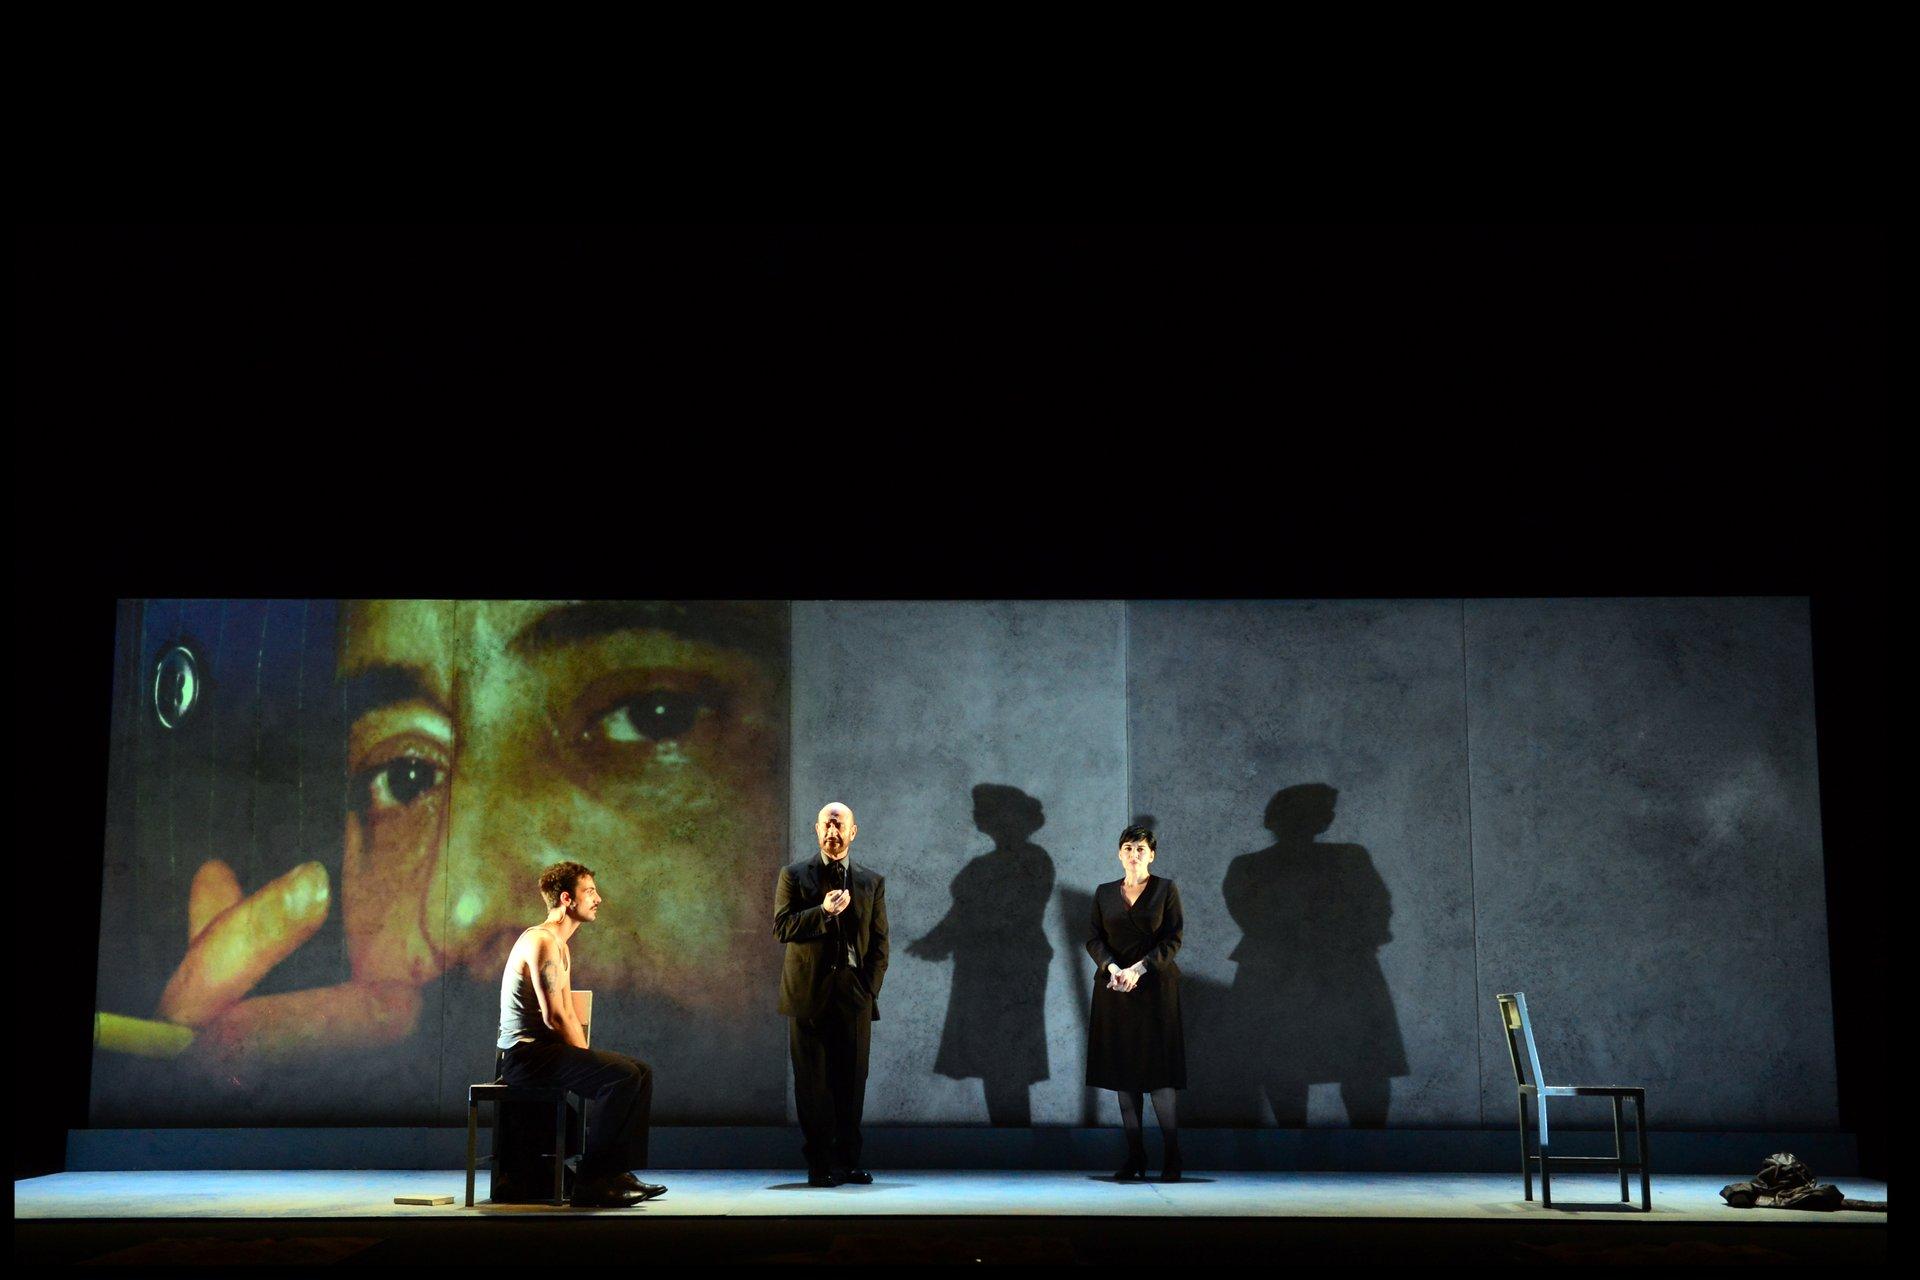 """SiciliaTeatro-CastellinAria. The play """"Dopo il Silenzio"""" di Pietro Grasso. The actors: Sebastiano Lo Monaco, Mariangela D'Abbraccio, Turi Moricca. Festival di Spoleto 2013 2020"""